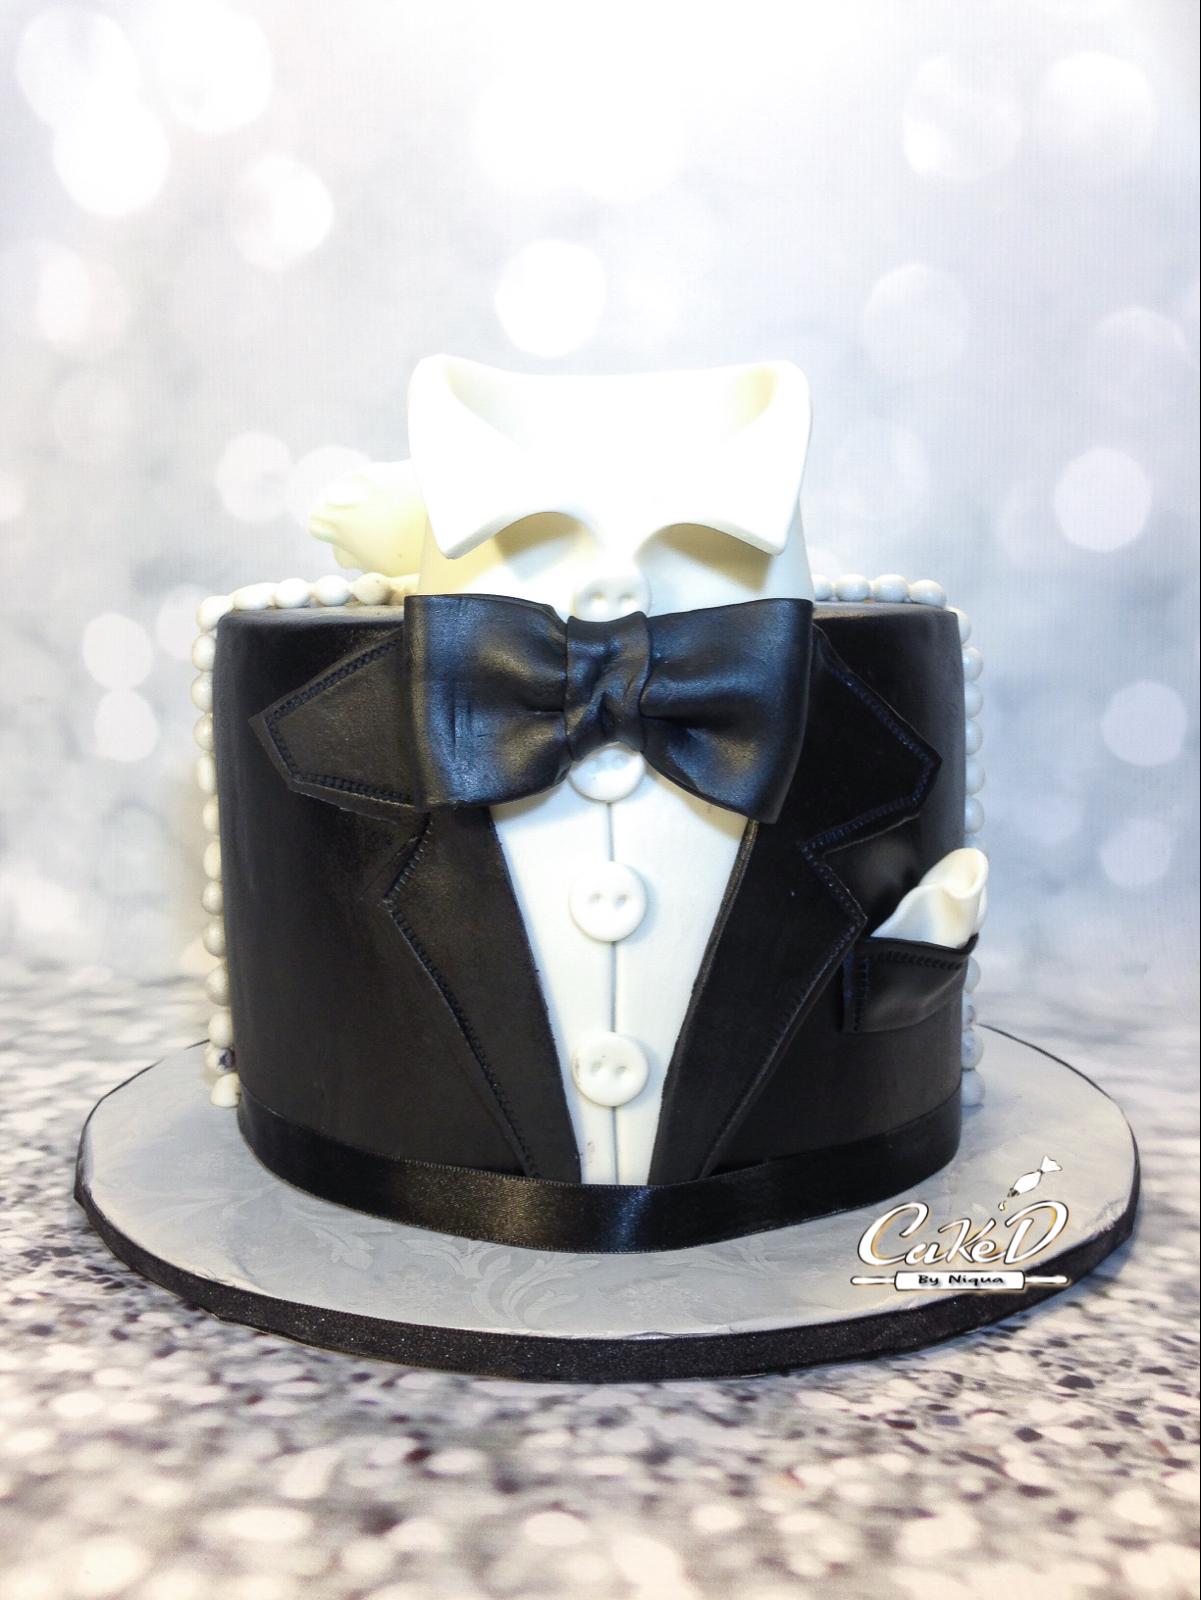 Tuxedo Groom's Cake